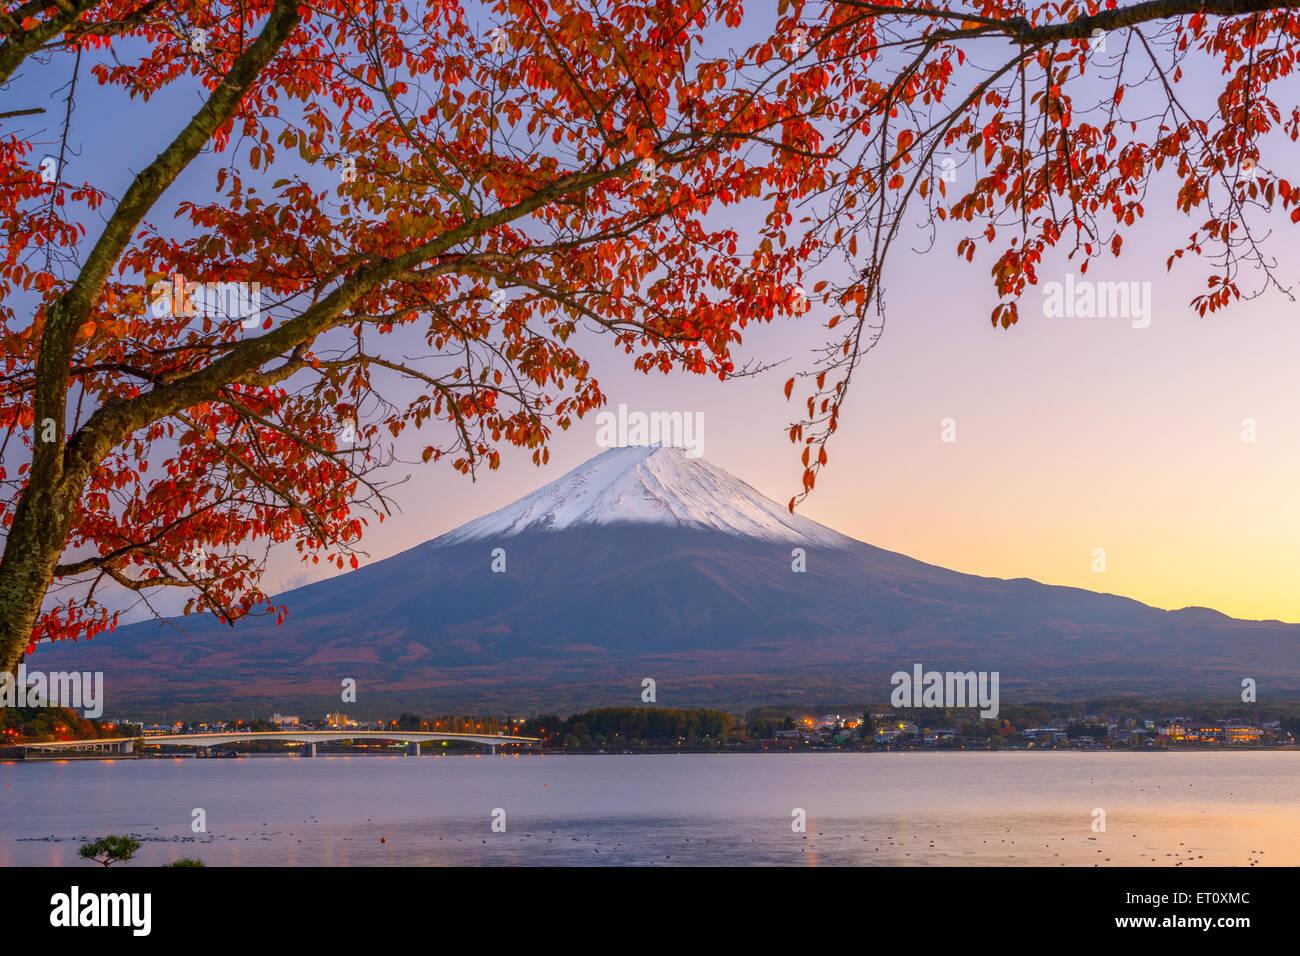 Mt. Fuji, Japon au lac Kawaguchi durant la saison d'automne. Photo Stock